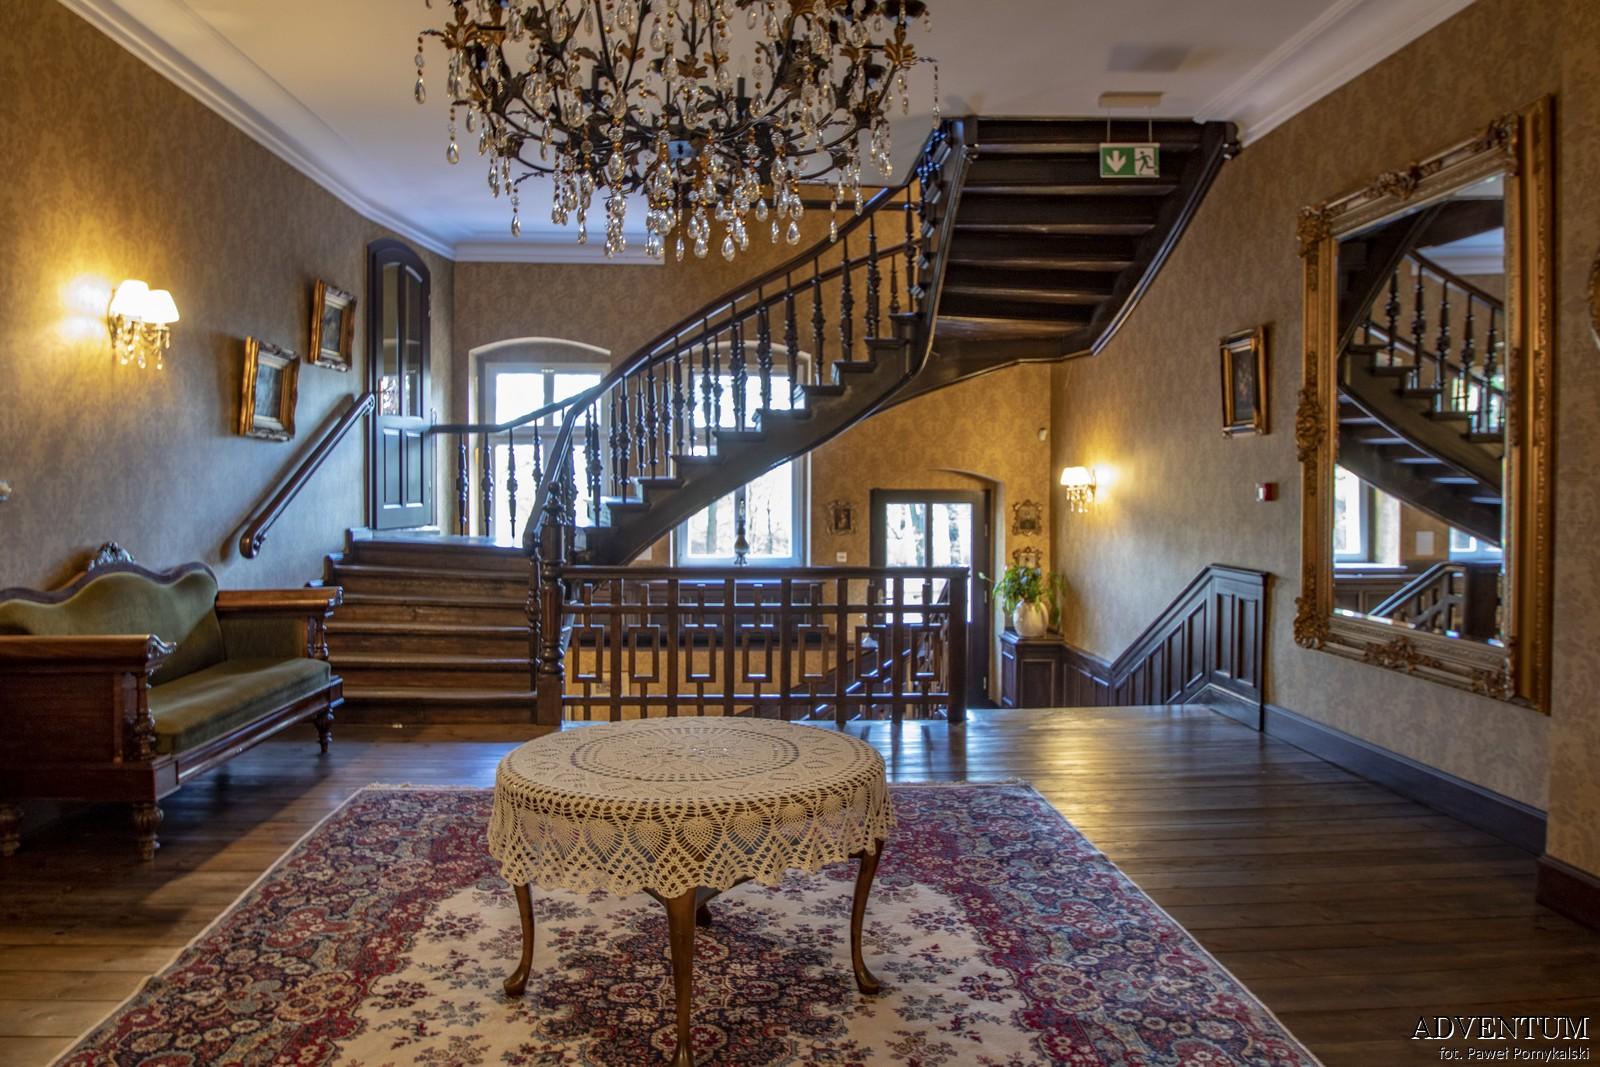 Gruszów pałac dolny śląsk świdnica hotel noclegi wnętrza apartament drewniane schody